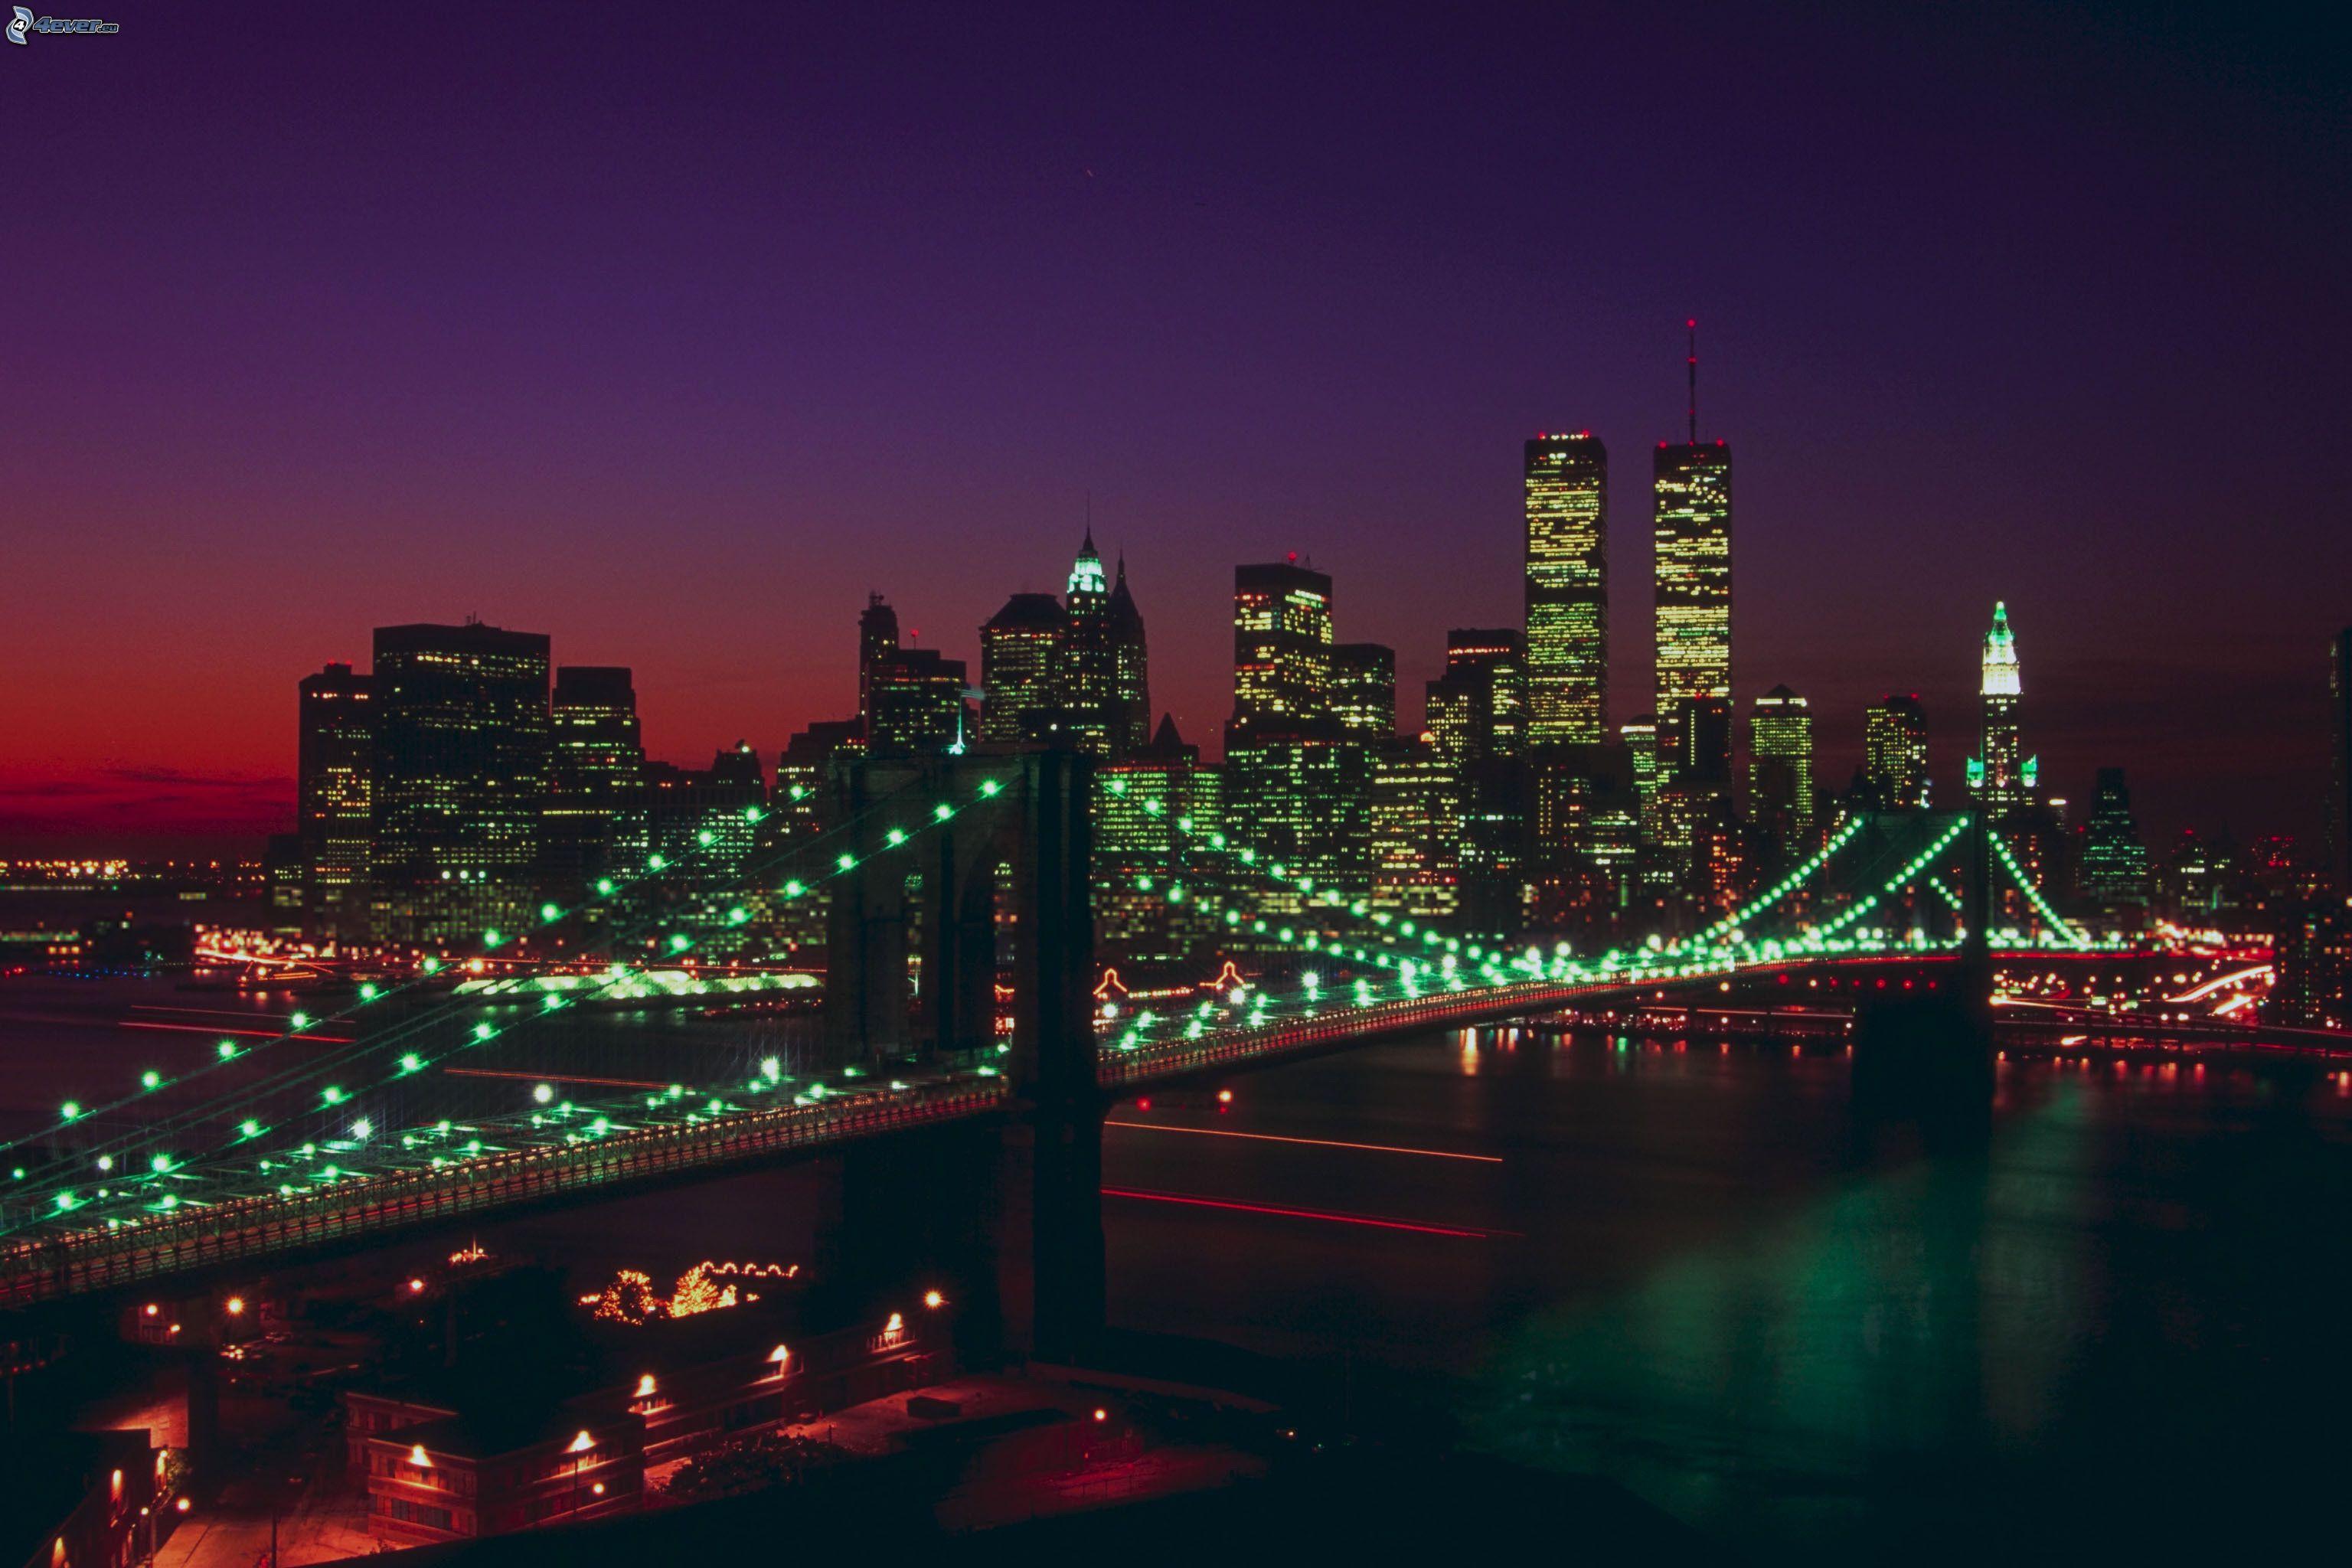 EL MUNDO EN TODO SU ESPLENDOR - Página 8 Brooklyn-bridge,-manhattan,-new-york,-night-city,-lighted-bridge-206751